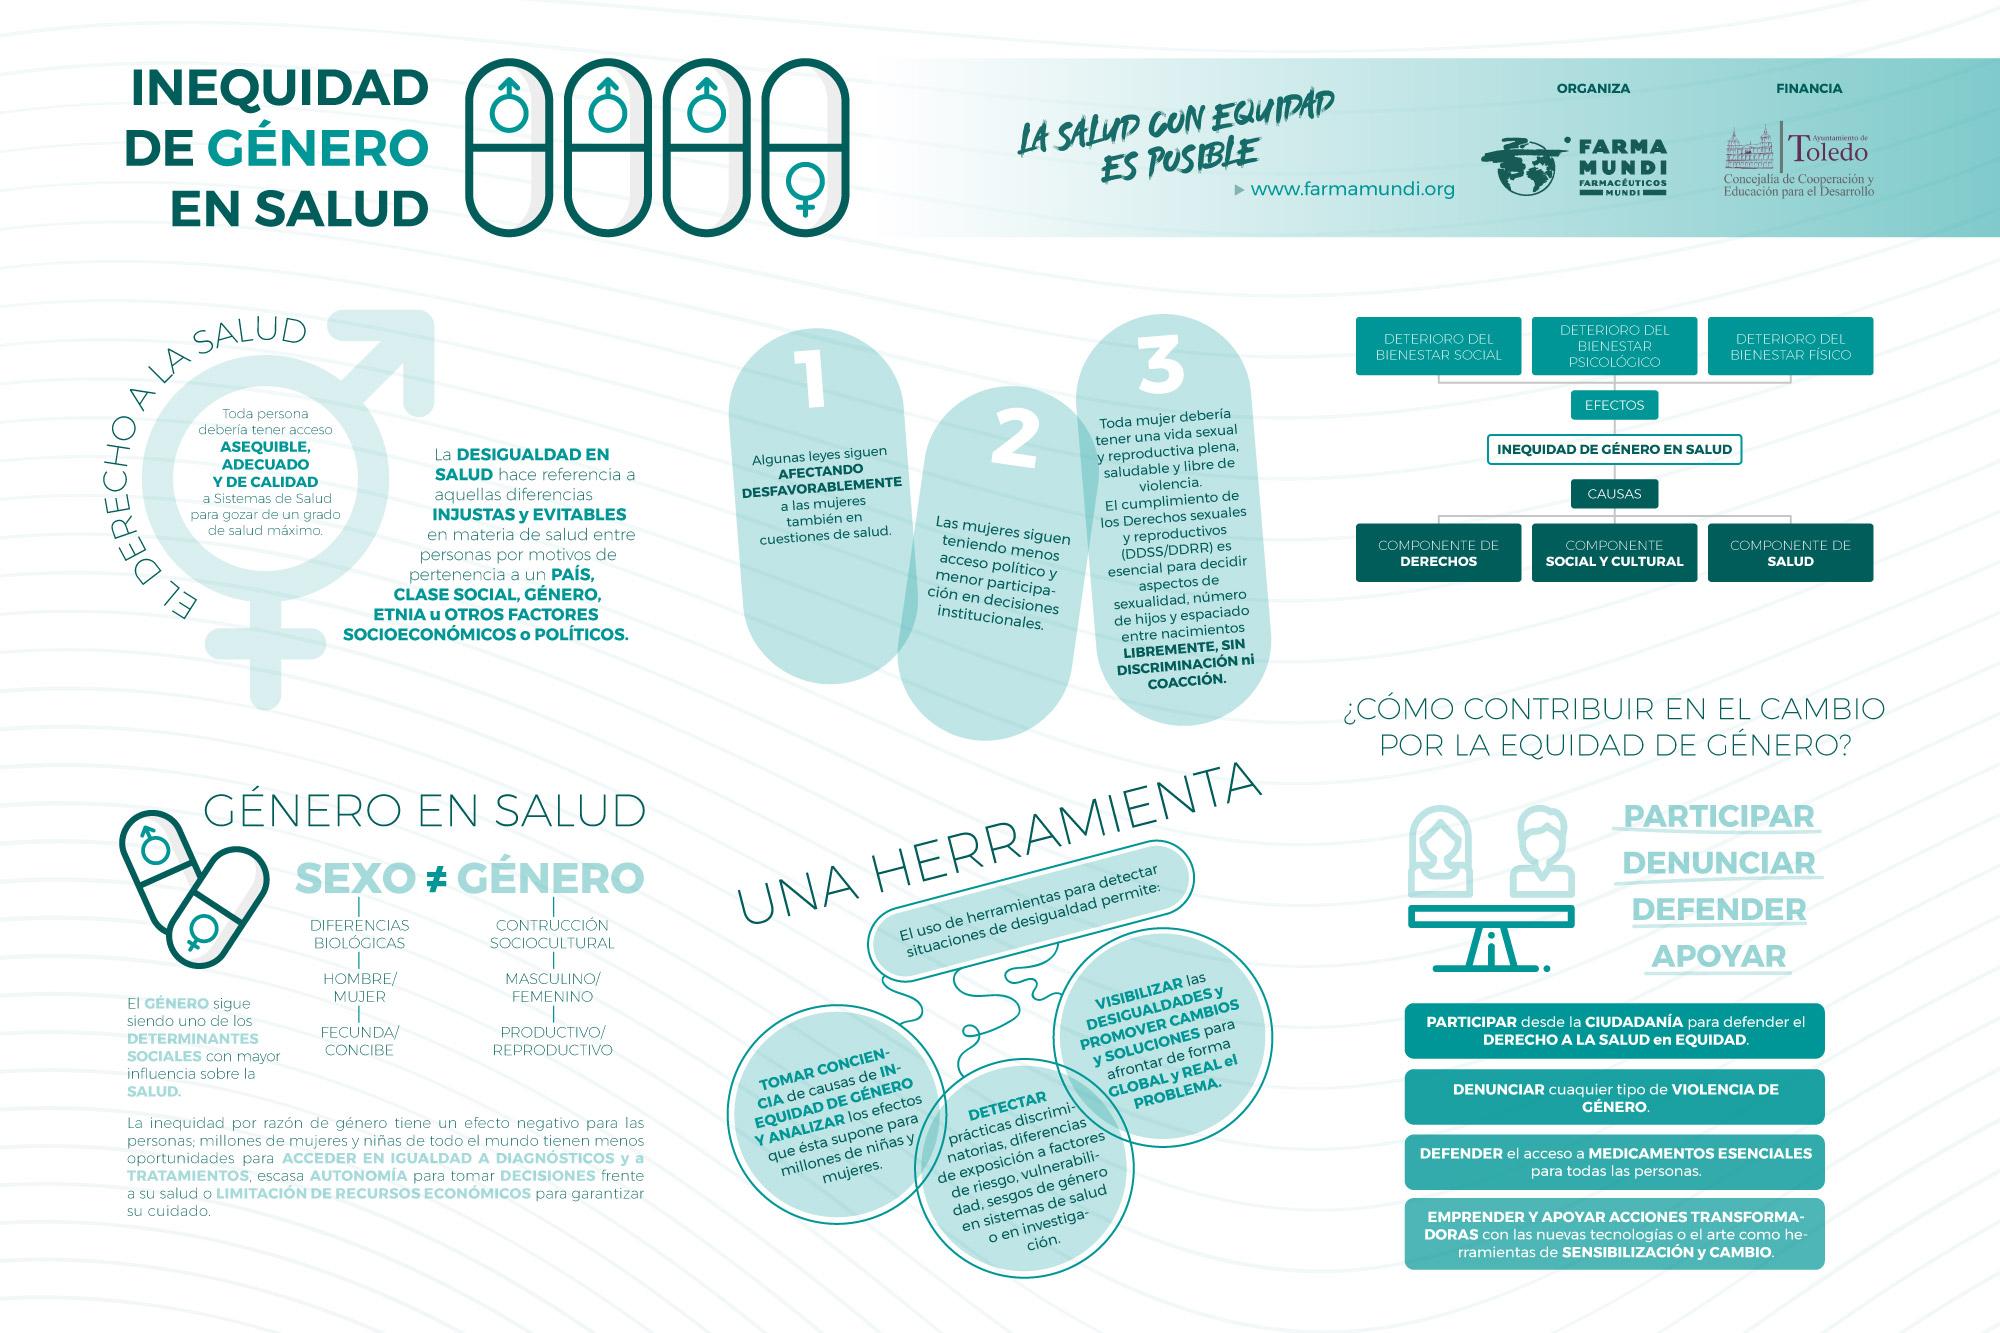 Infografía | Inequidad de género en salud